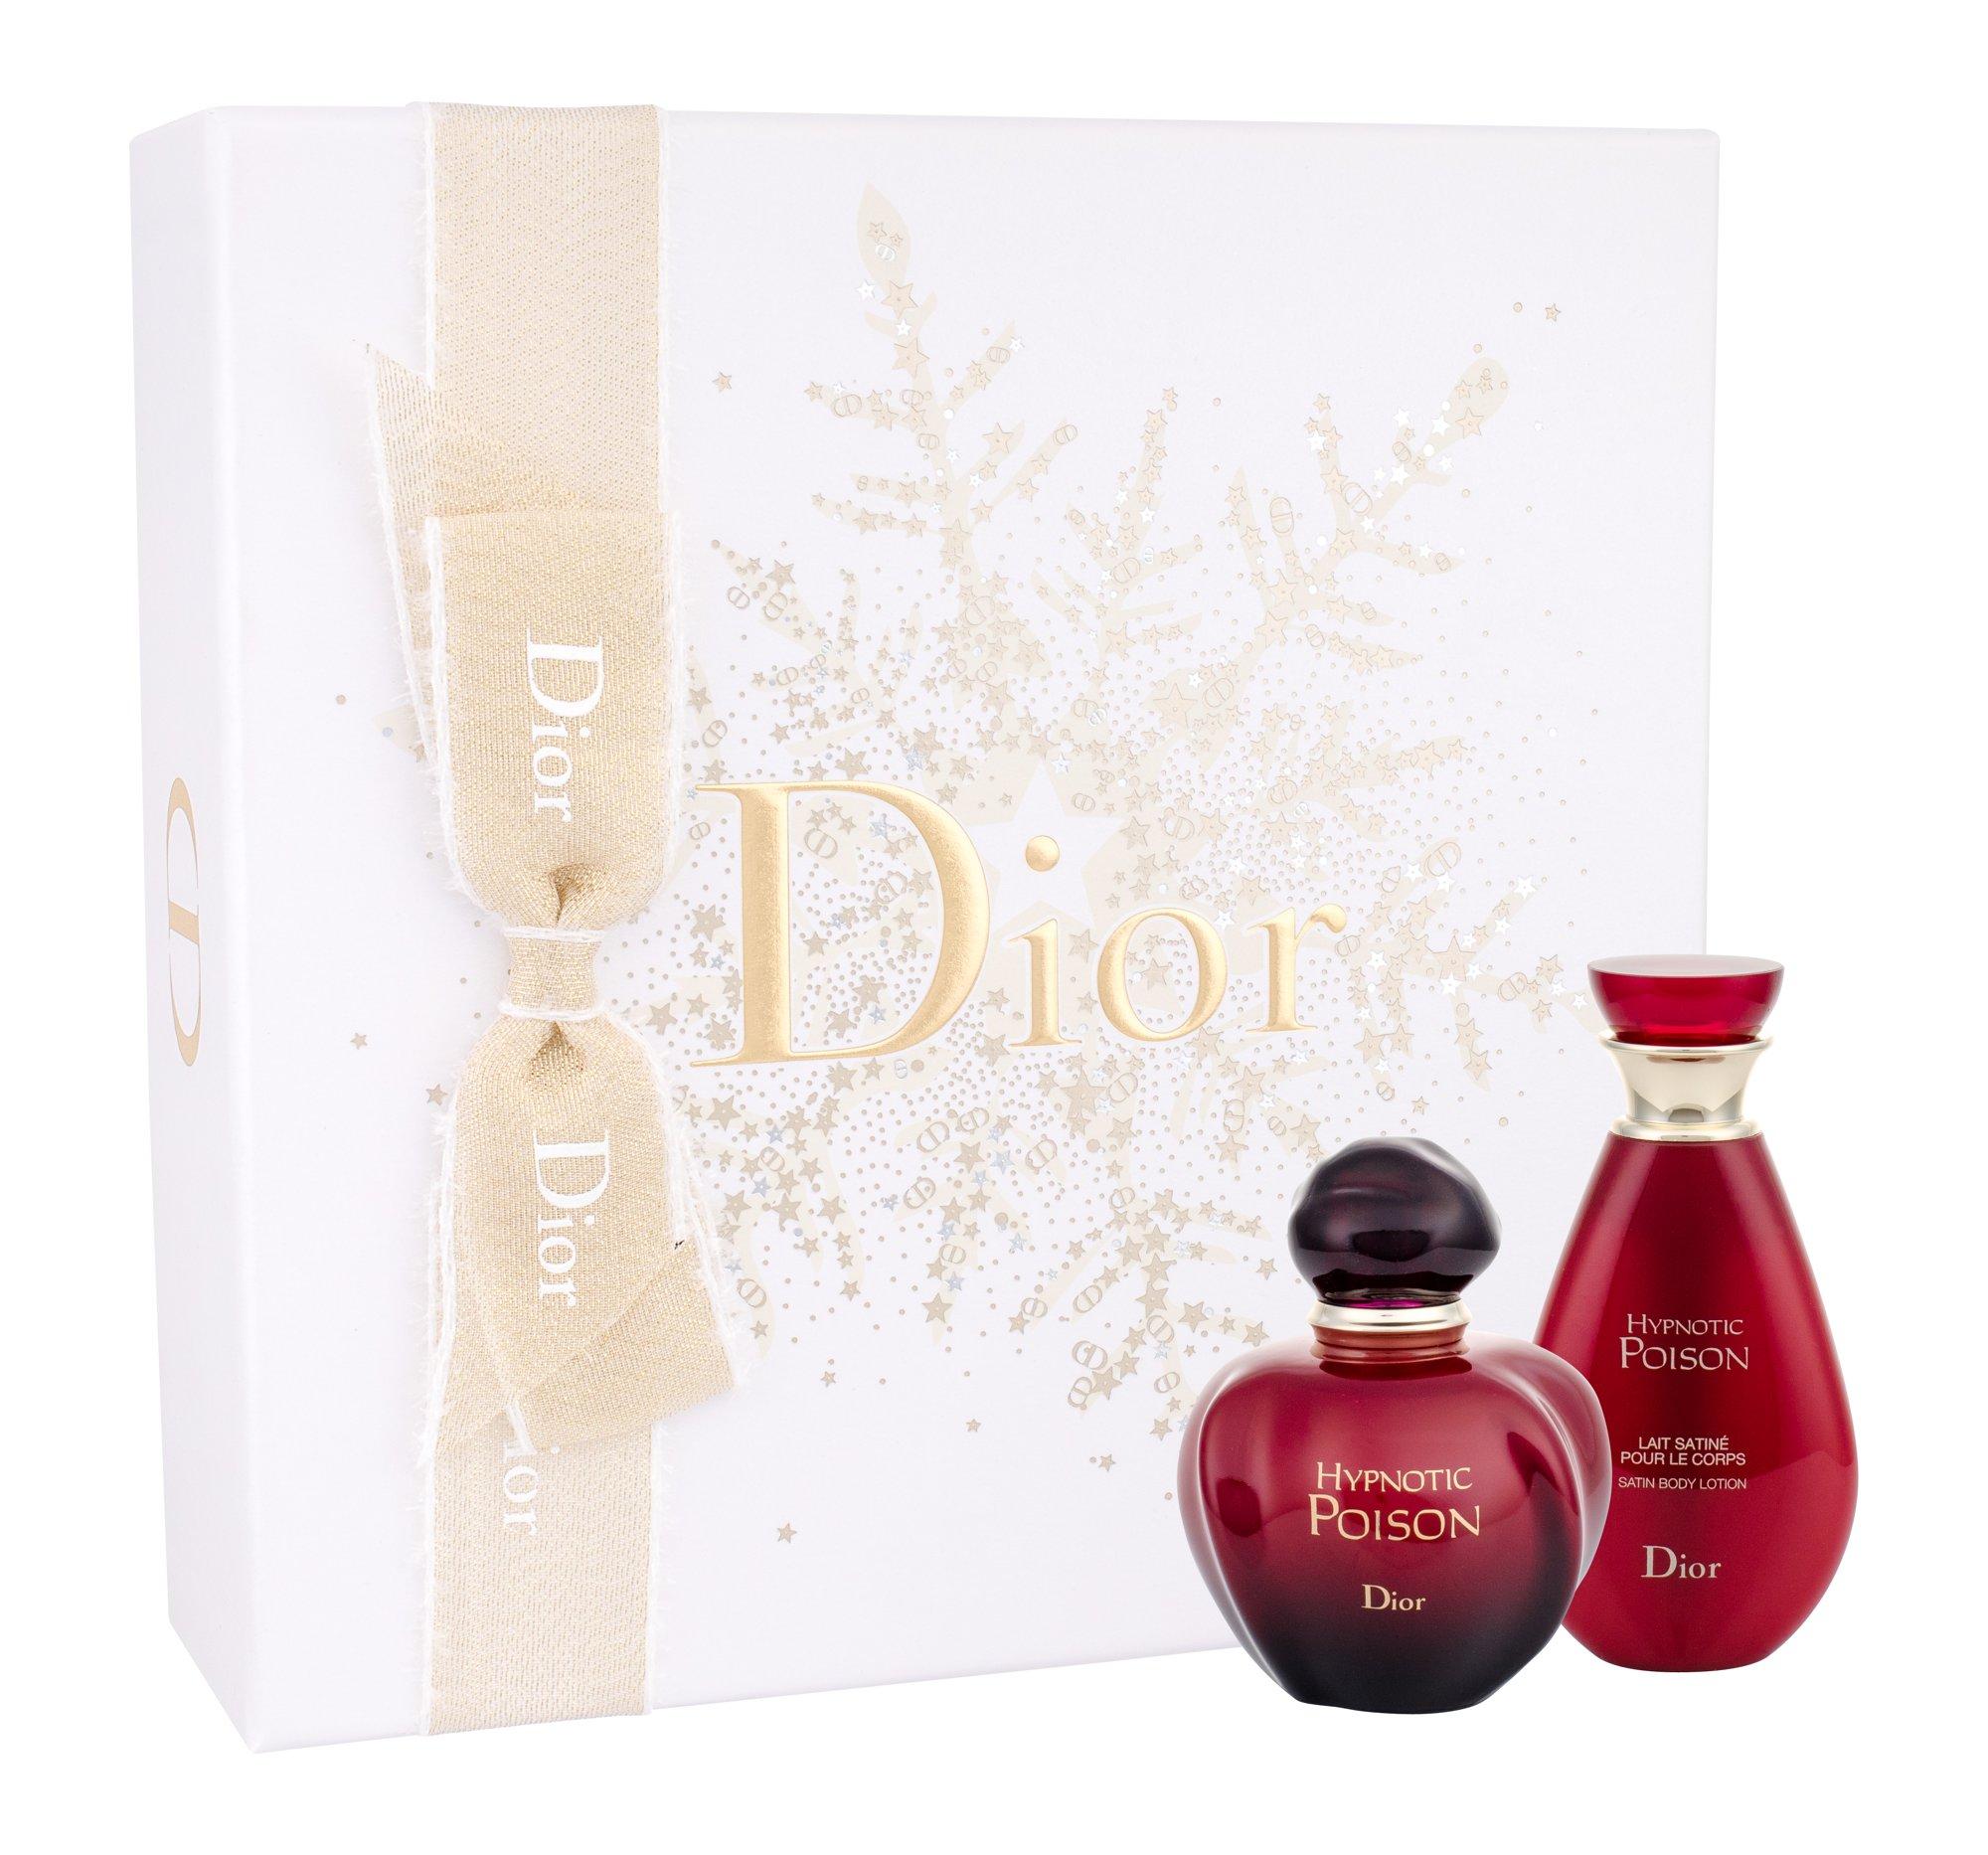 Christian Dior Hypnotic Poison W EDT 50 toaletní voda 50 ml + tělové mléko 50 ml